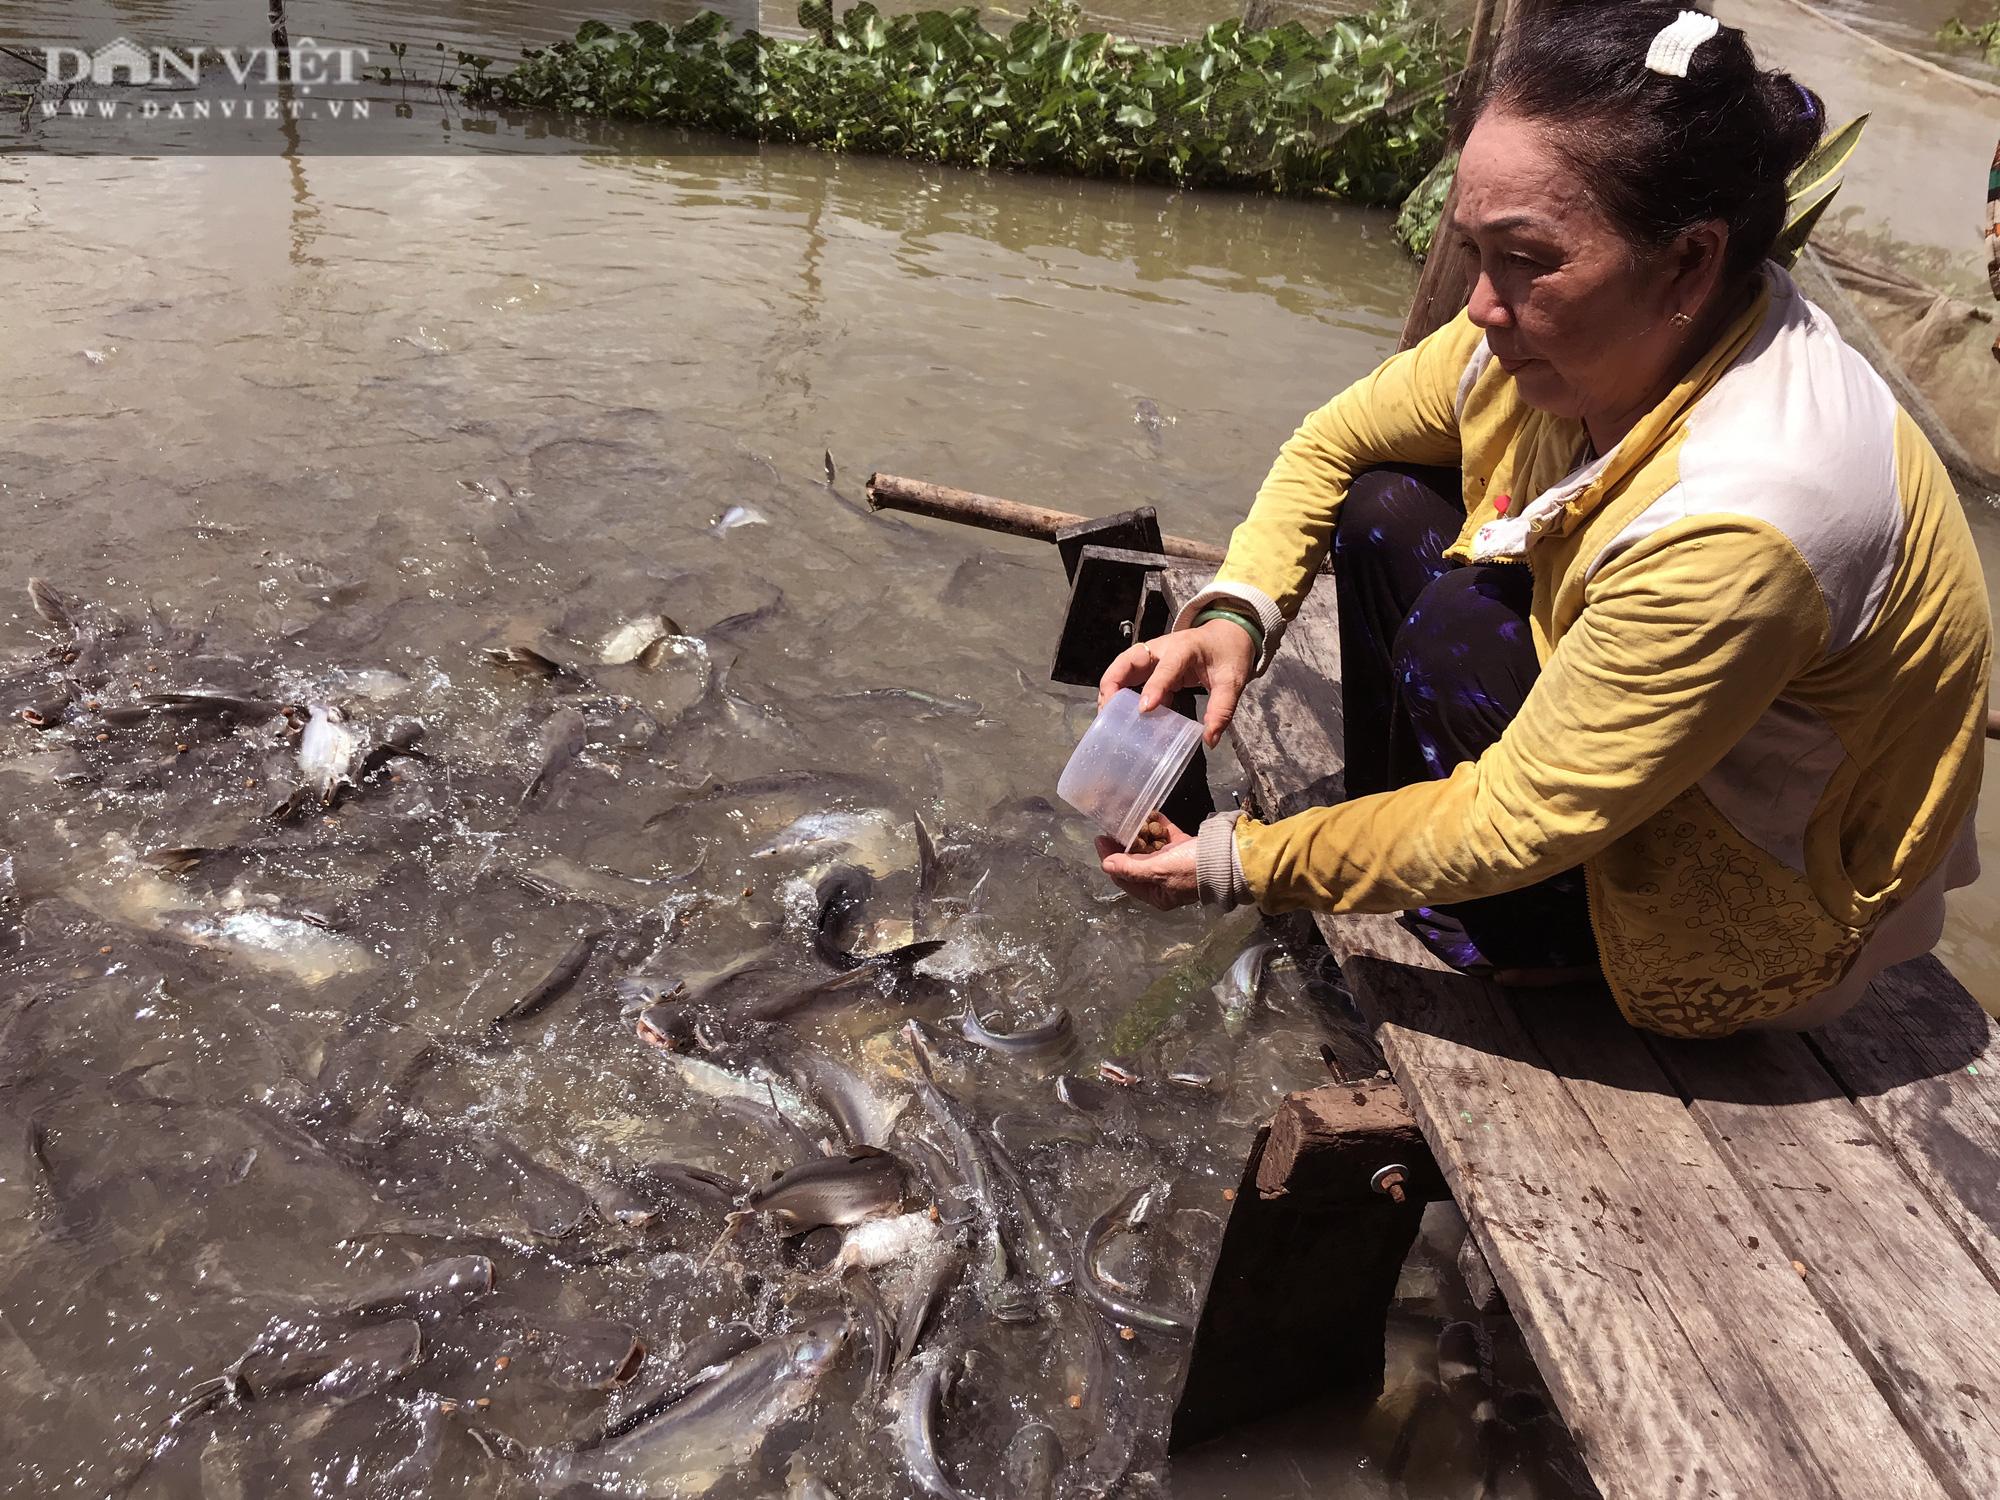 Lạ đời những người bỏ tiền túi nuôi cá sông như thú cưng - Ảnh 3.